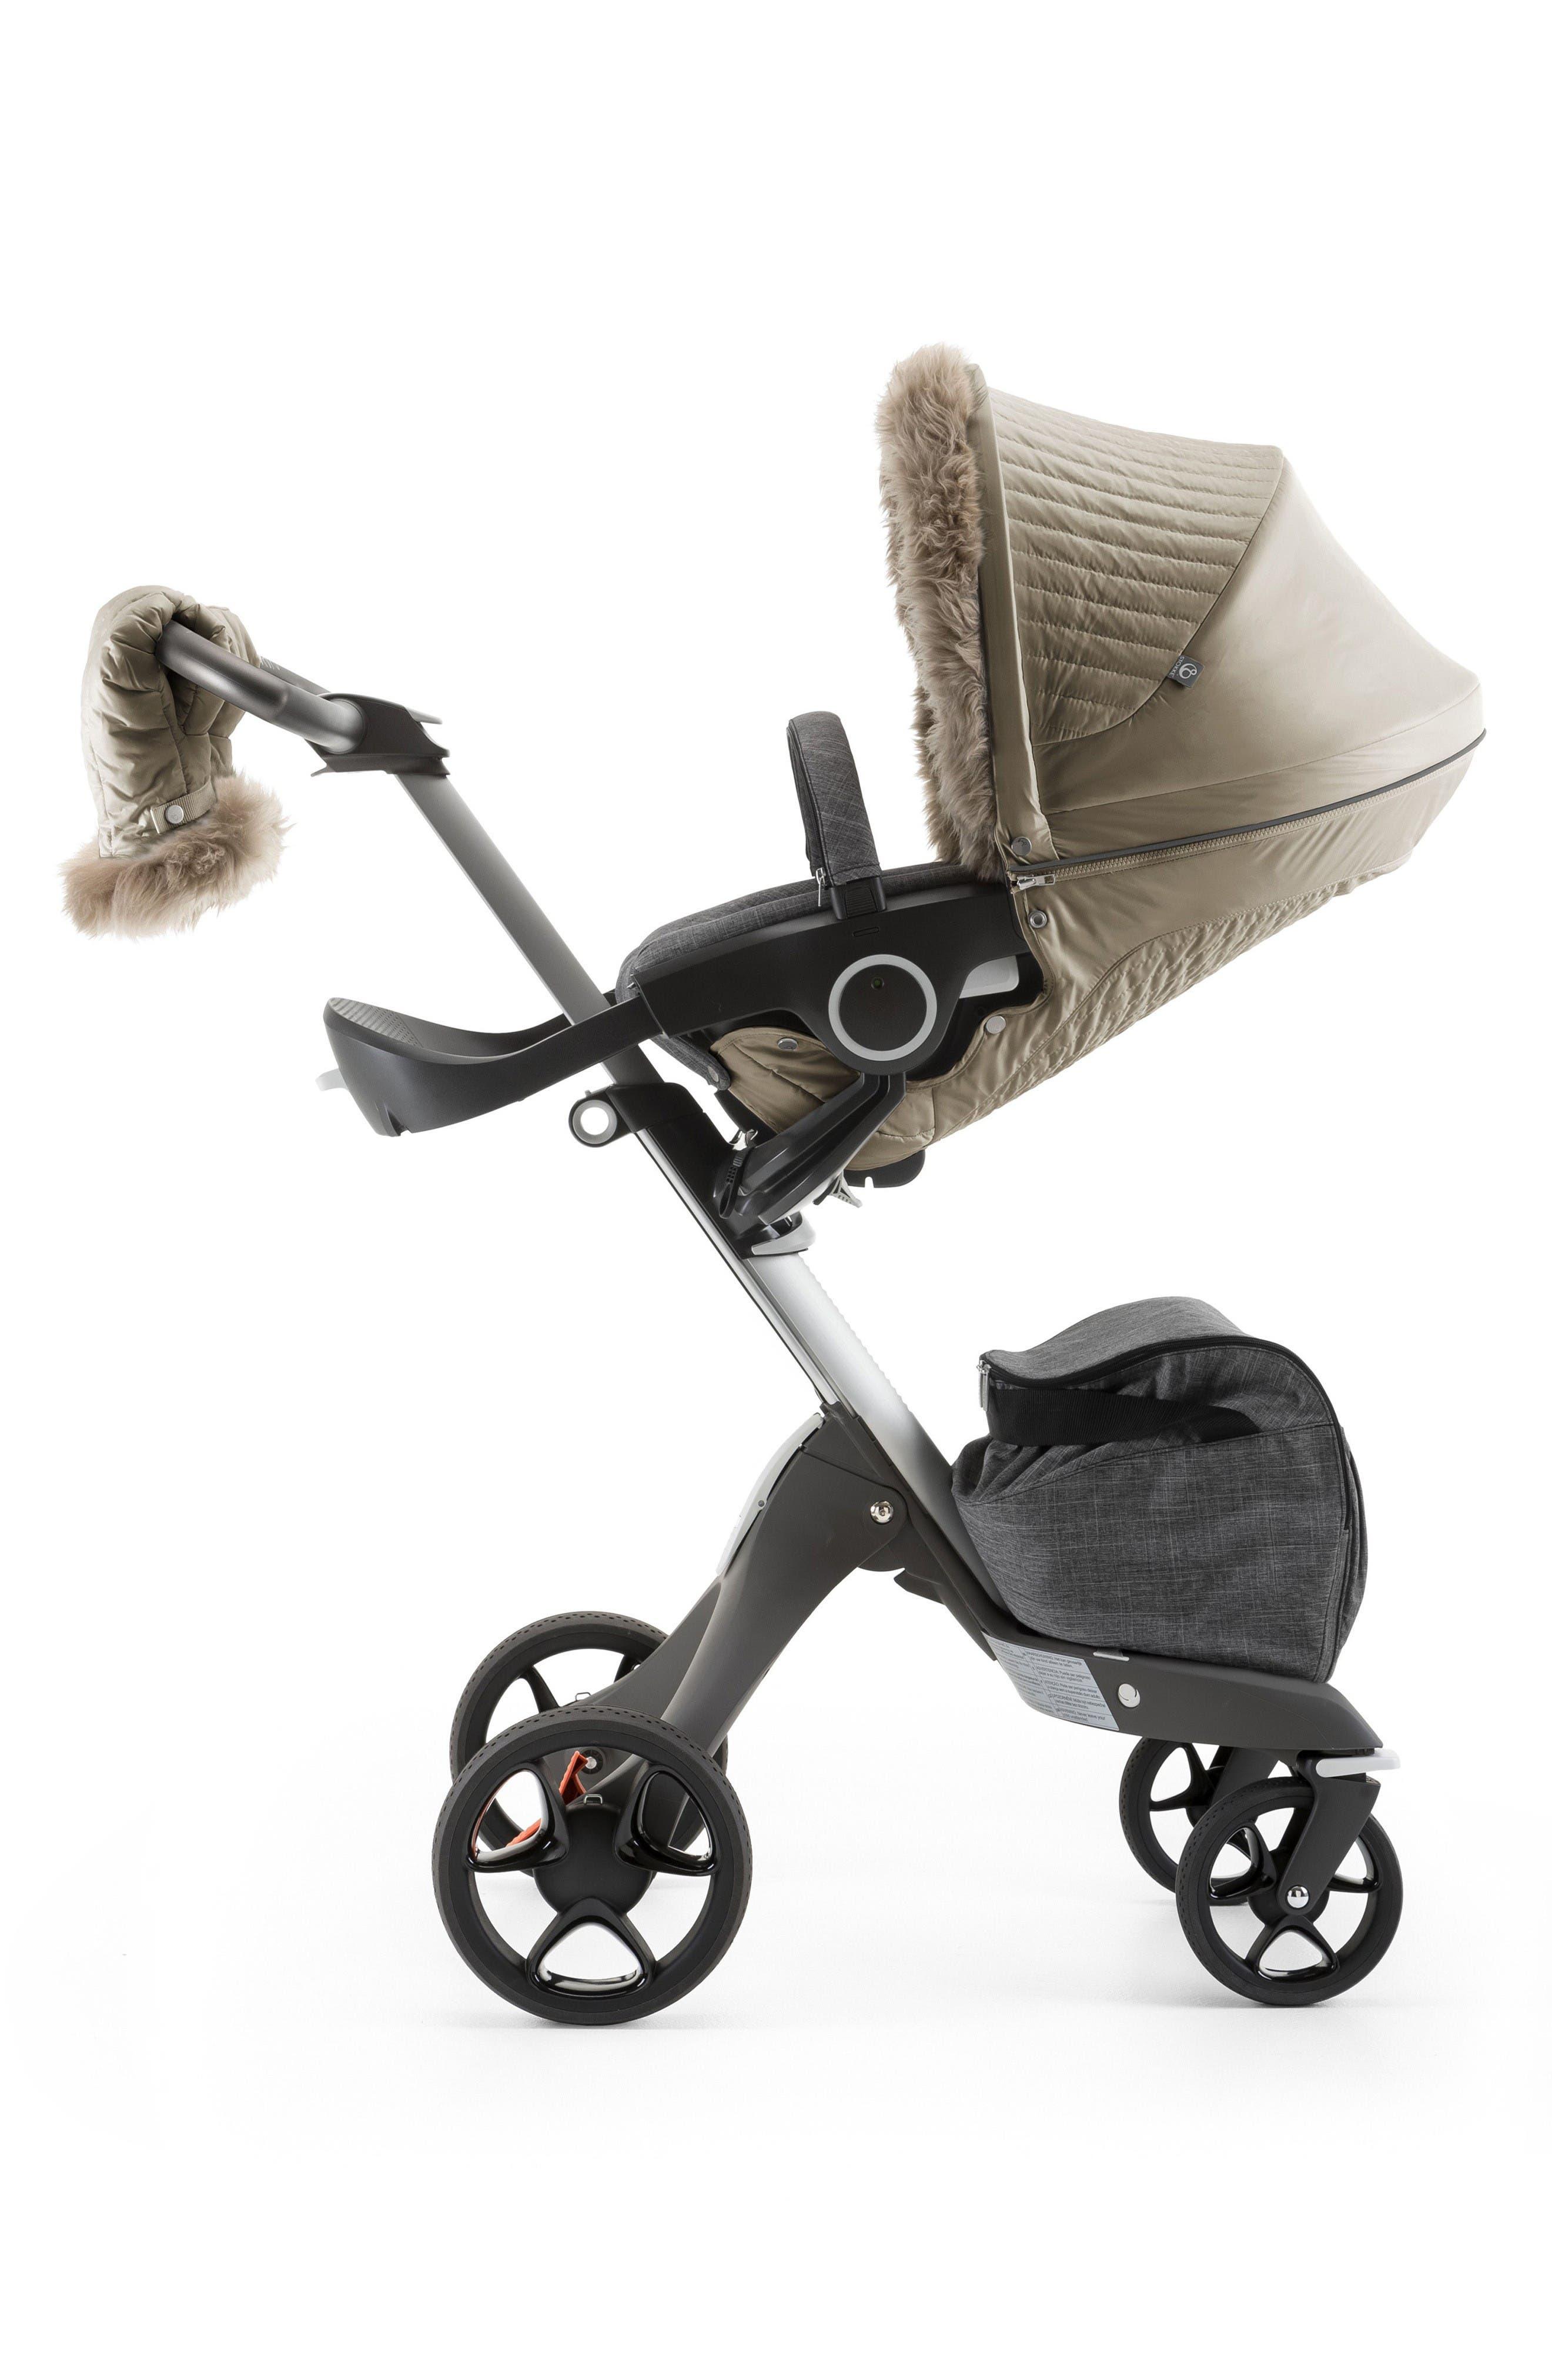 Alternate Image 1 Selected - Stokke Stroller Winter Kit